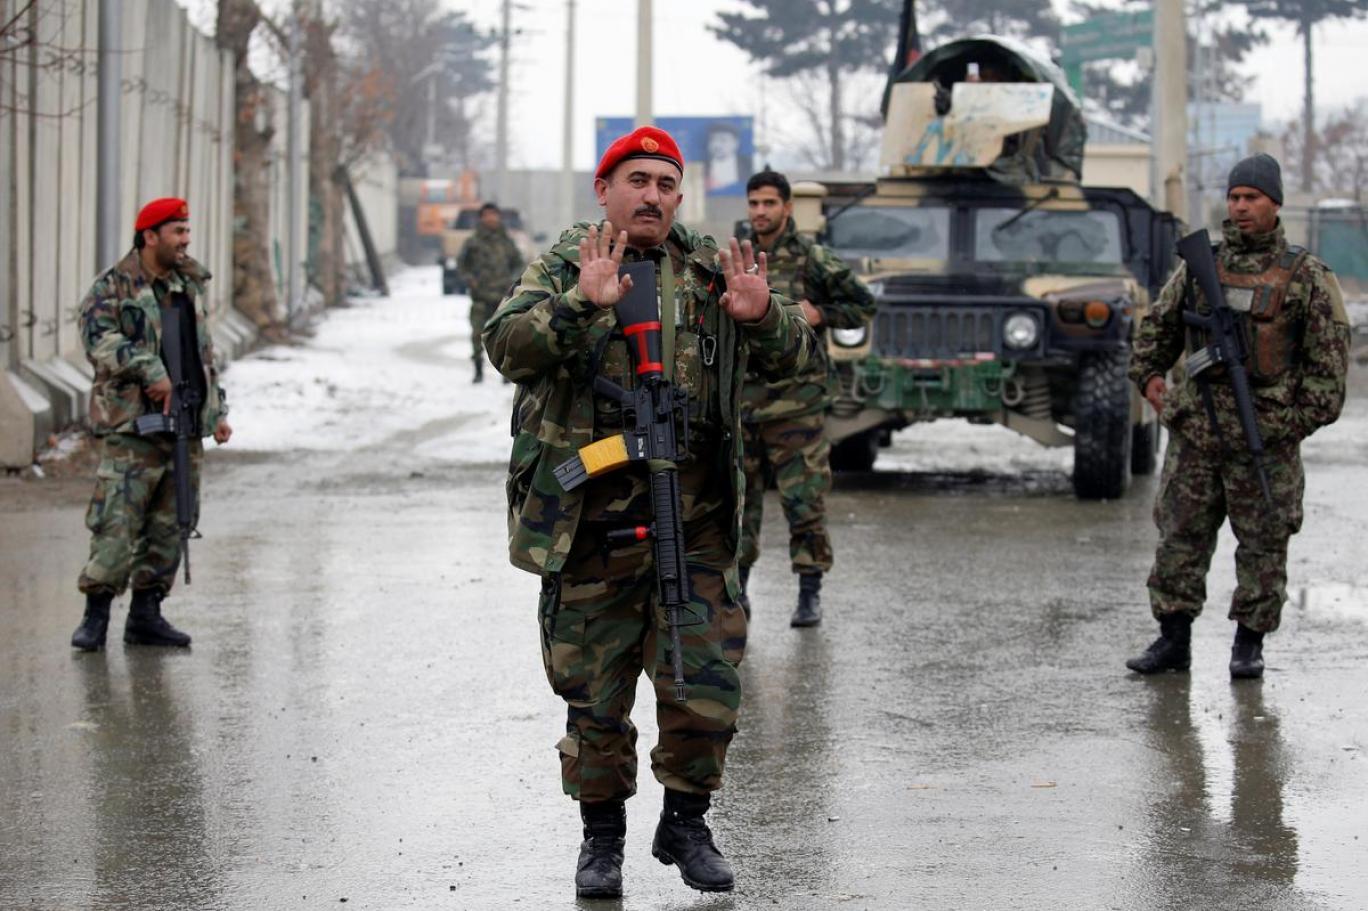 ABD ve Afgan askerleri arasında çatışma çıktı: 3 ölü 9 yaralı